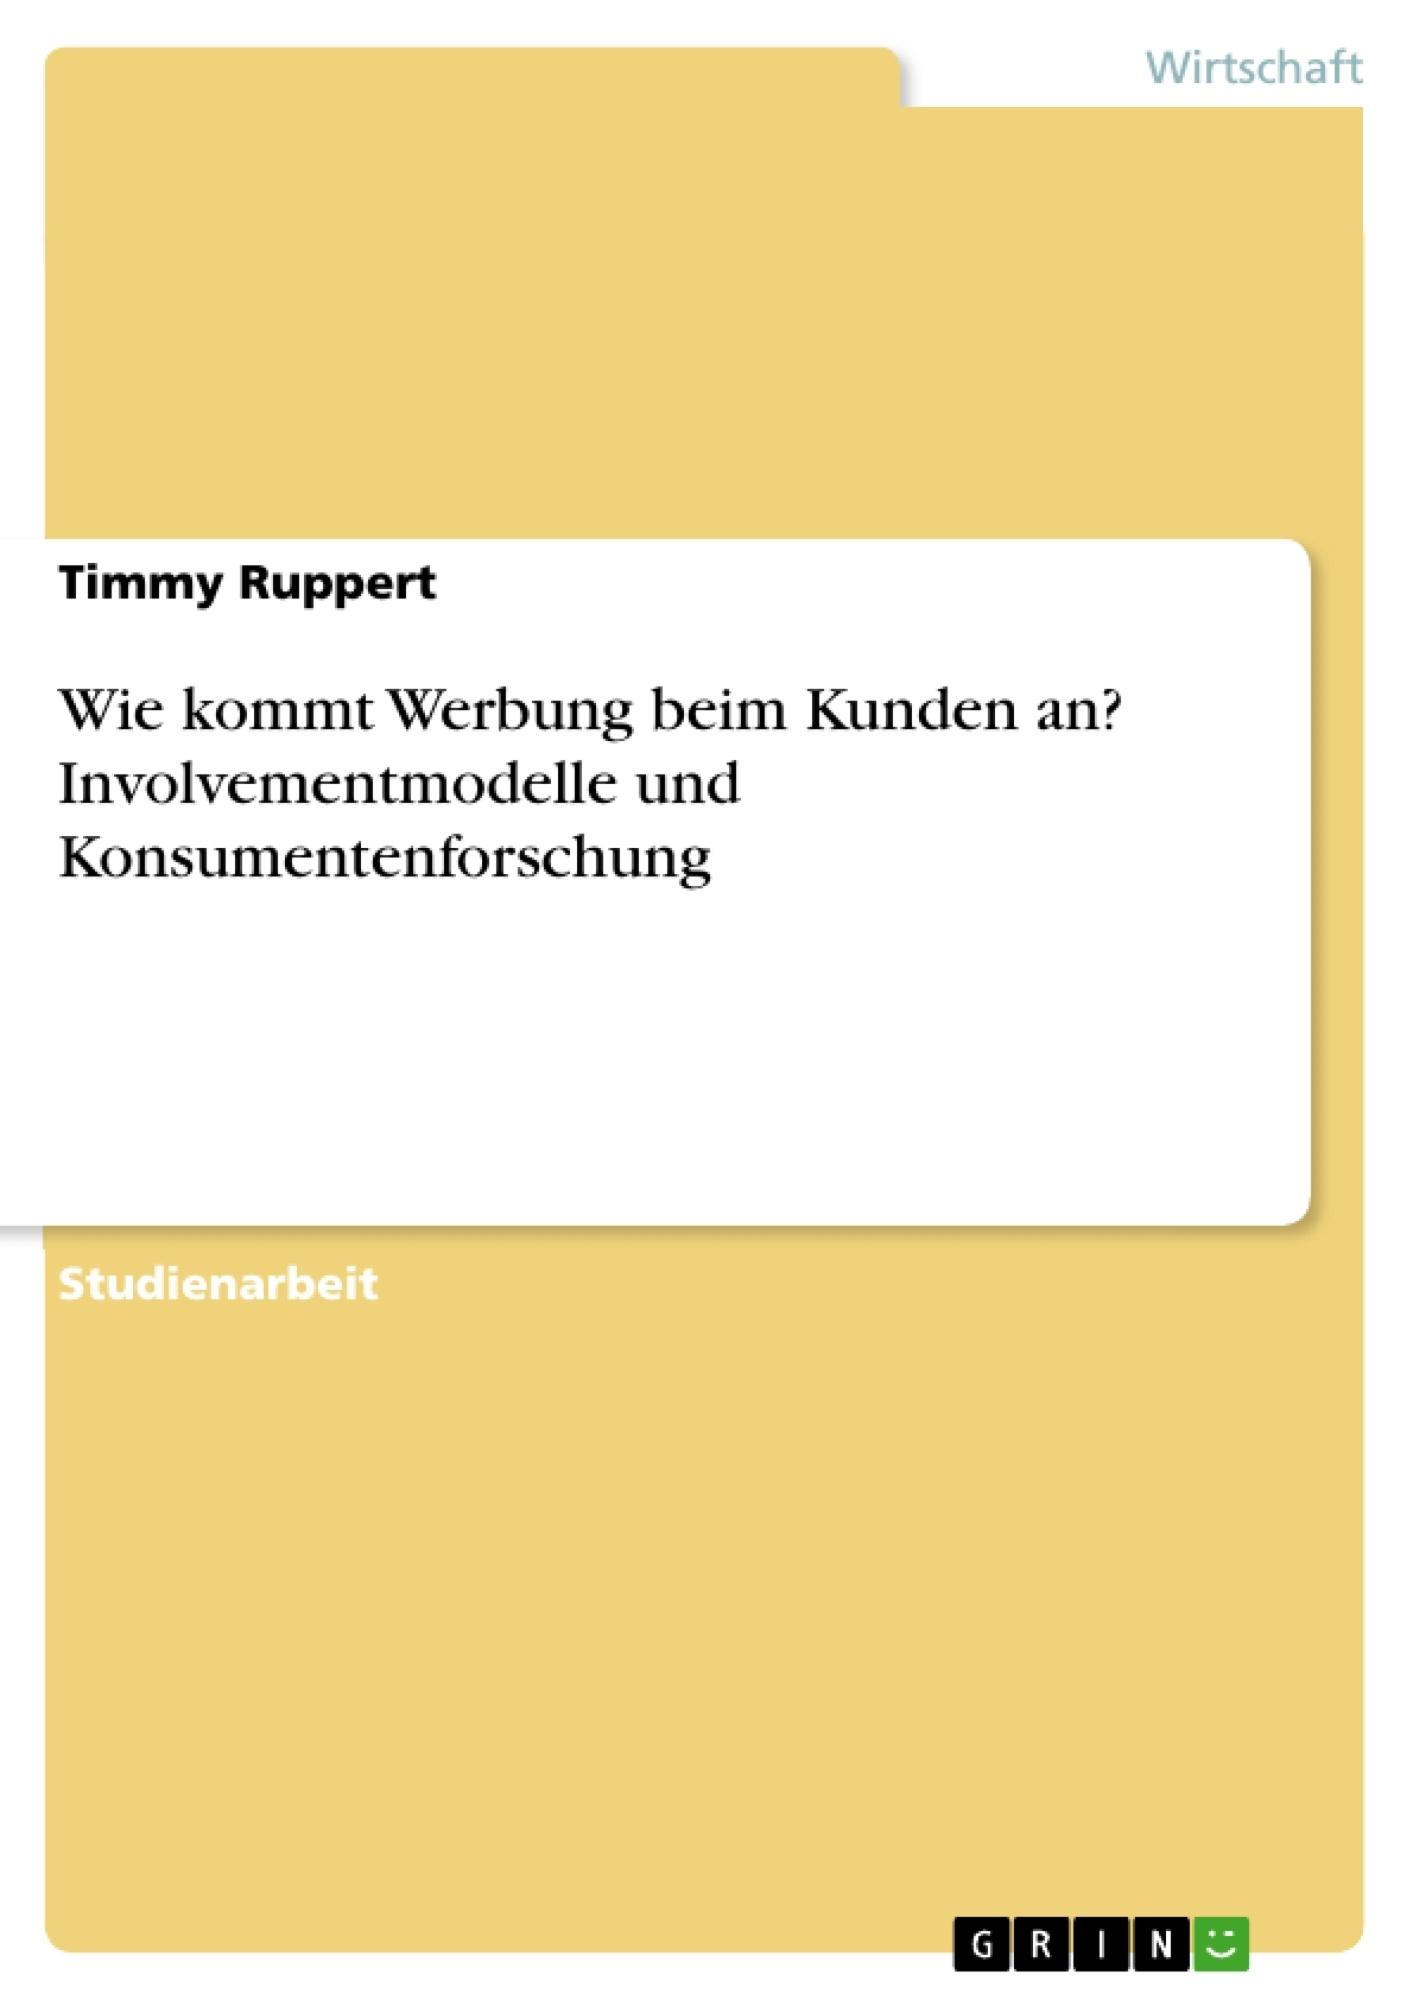 Titel: Wie kommt Werbung beim Kunden an? Involvementmodelle und Konsumentenforschung